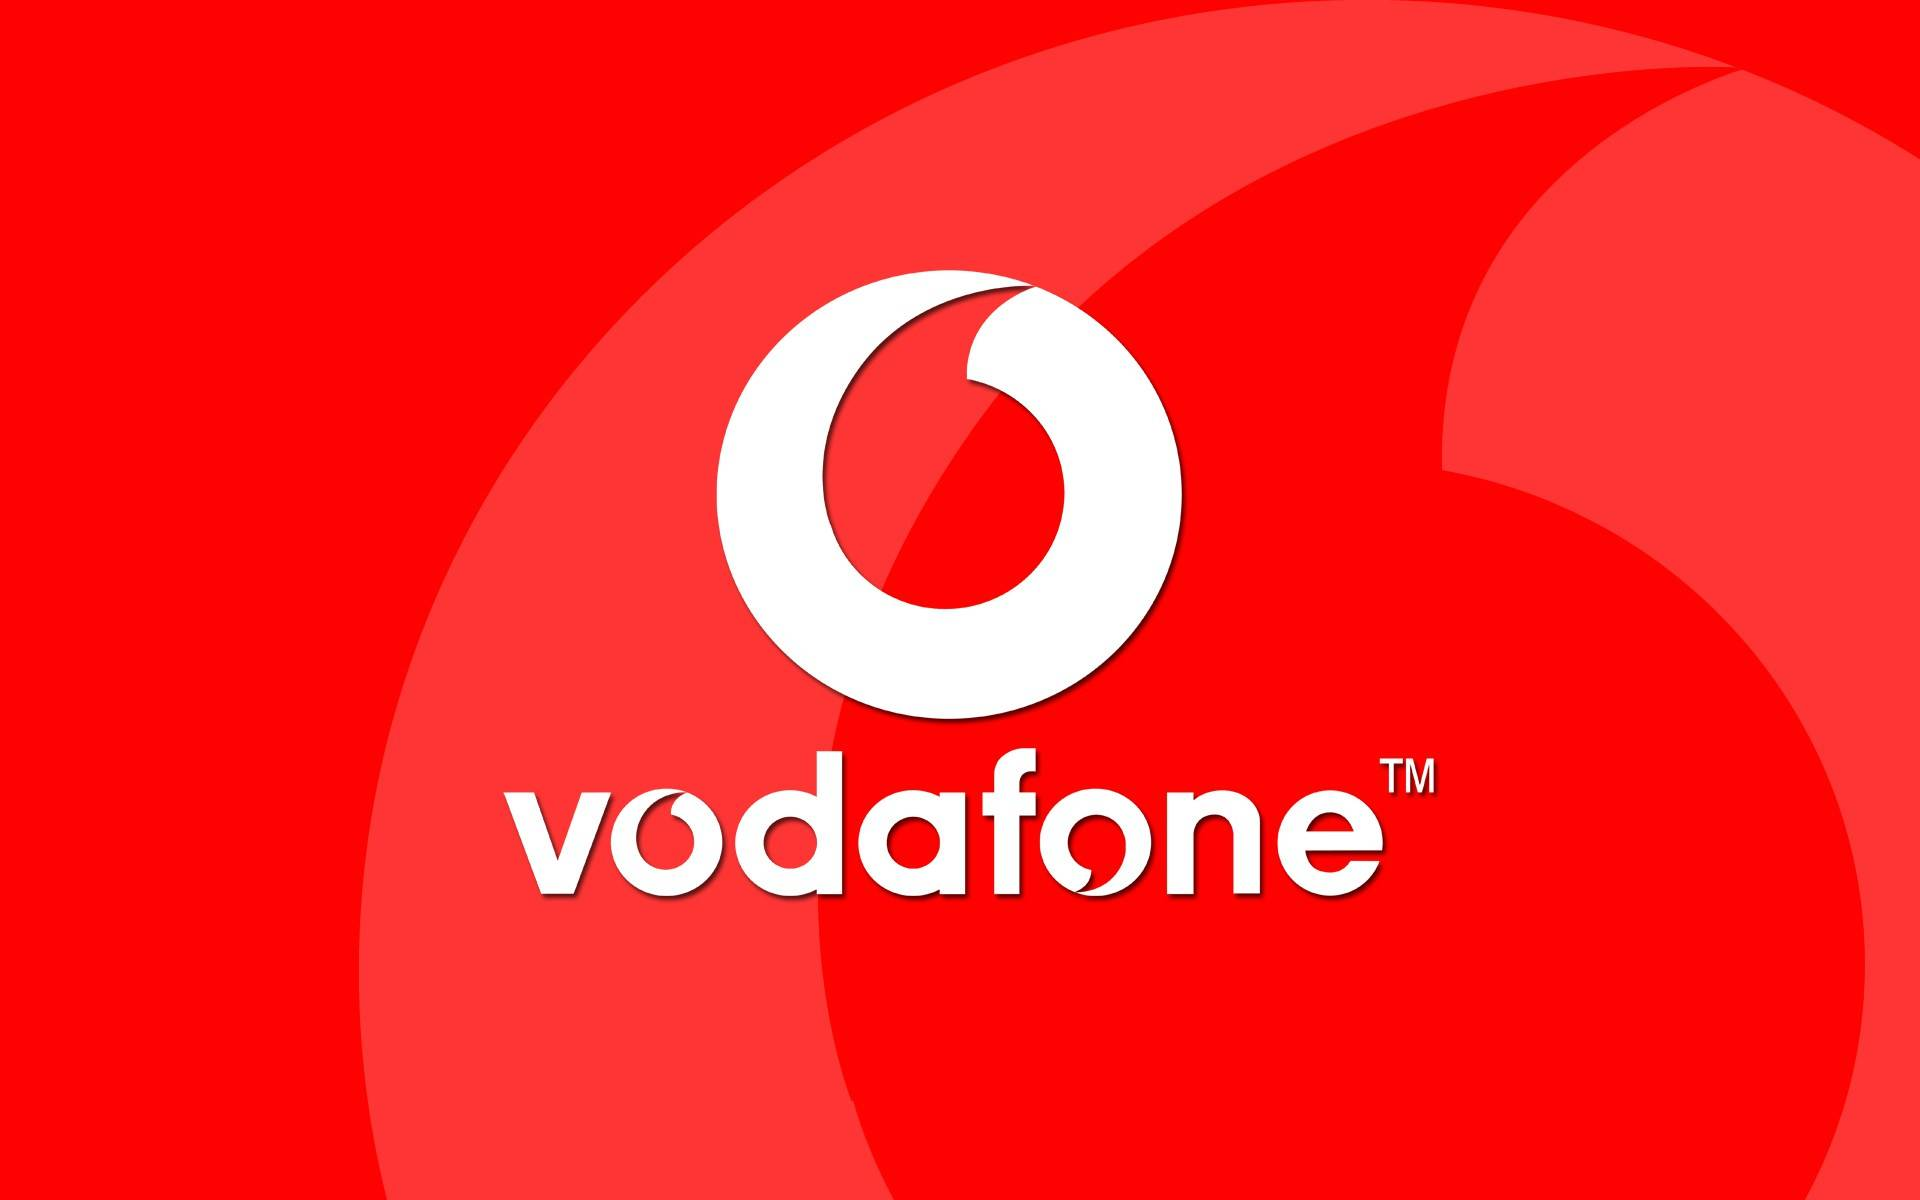 Vodafone clientii